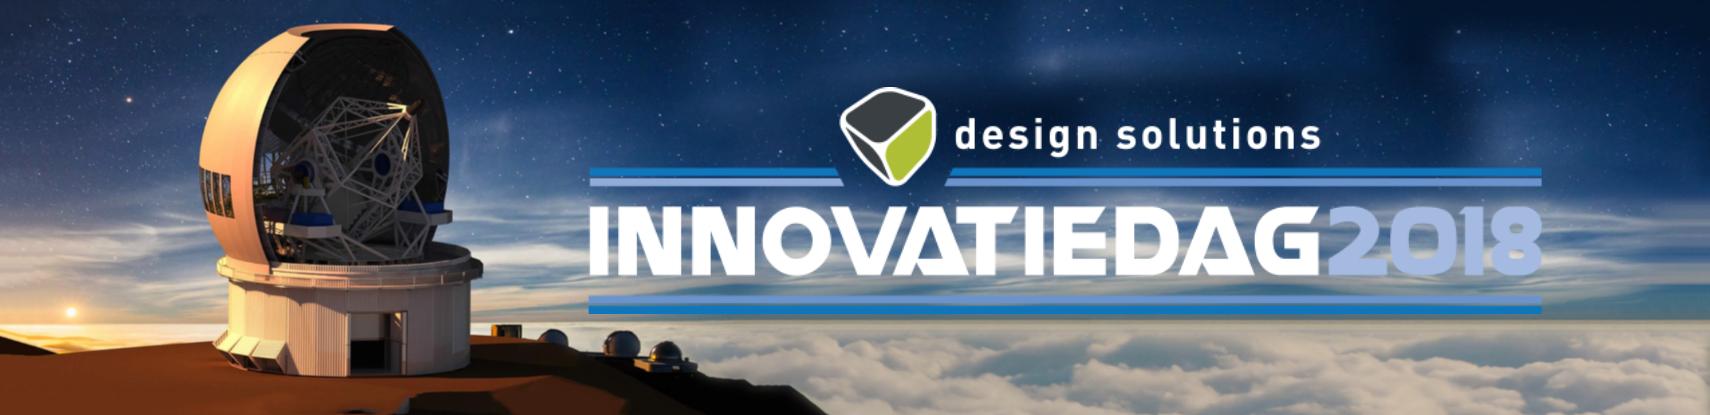 DesignSolutionsInnovatiedag2018